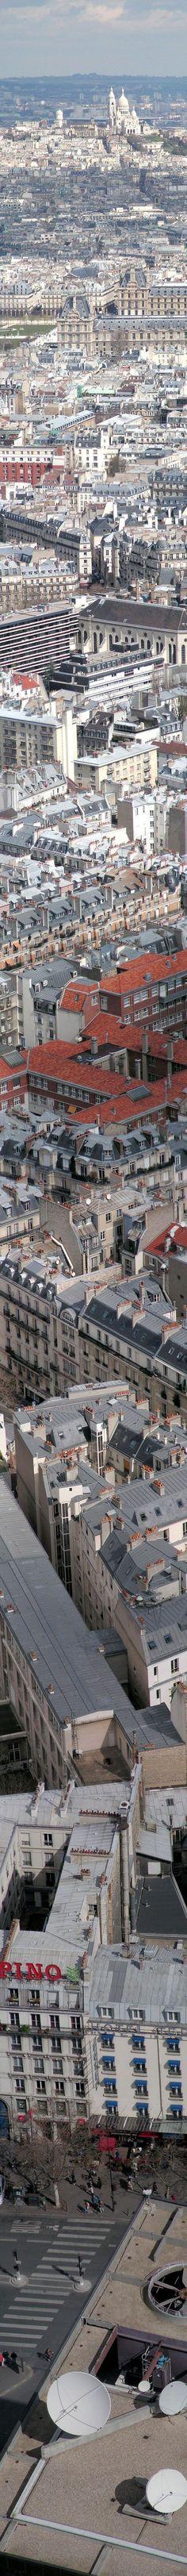 Amazing! Paris!